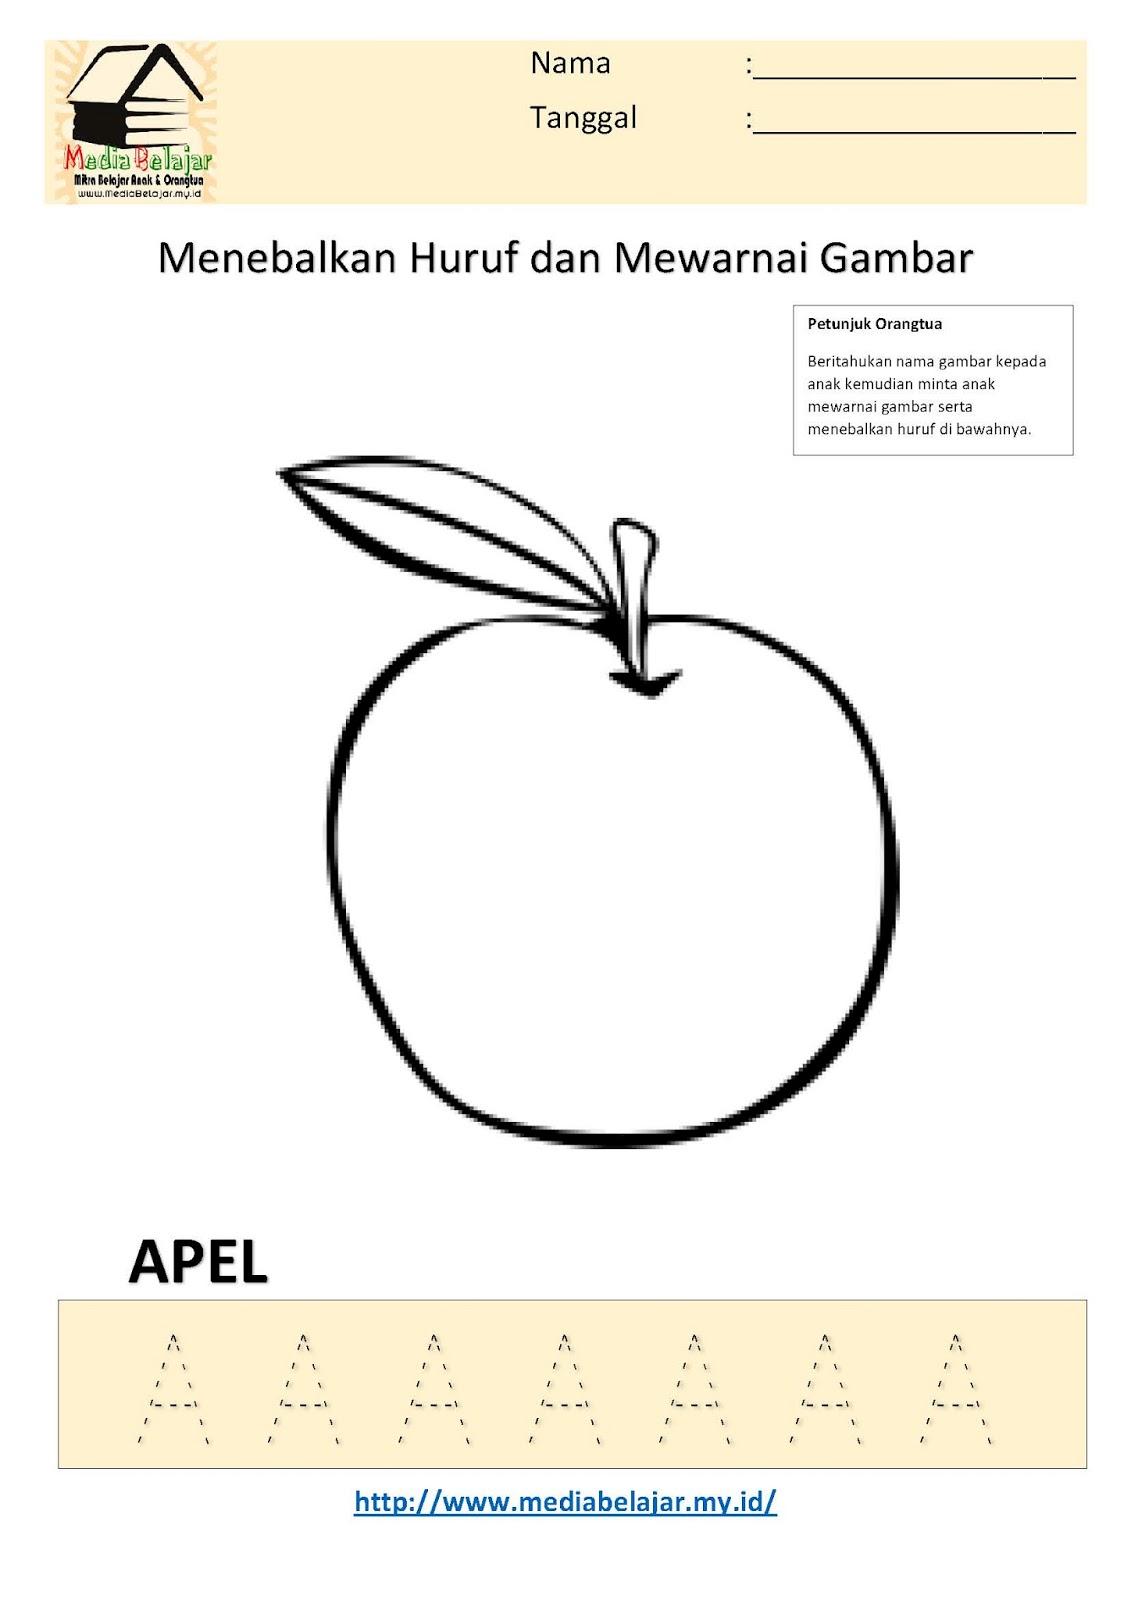 Menebalkan Huruf A Dan Mewarnai Gambar Apel